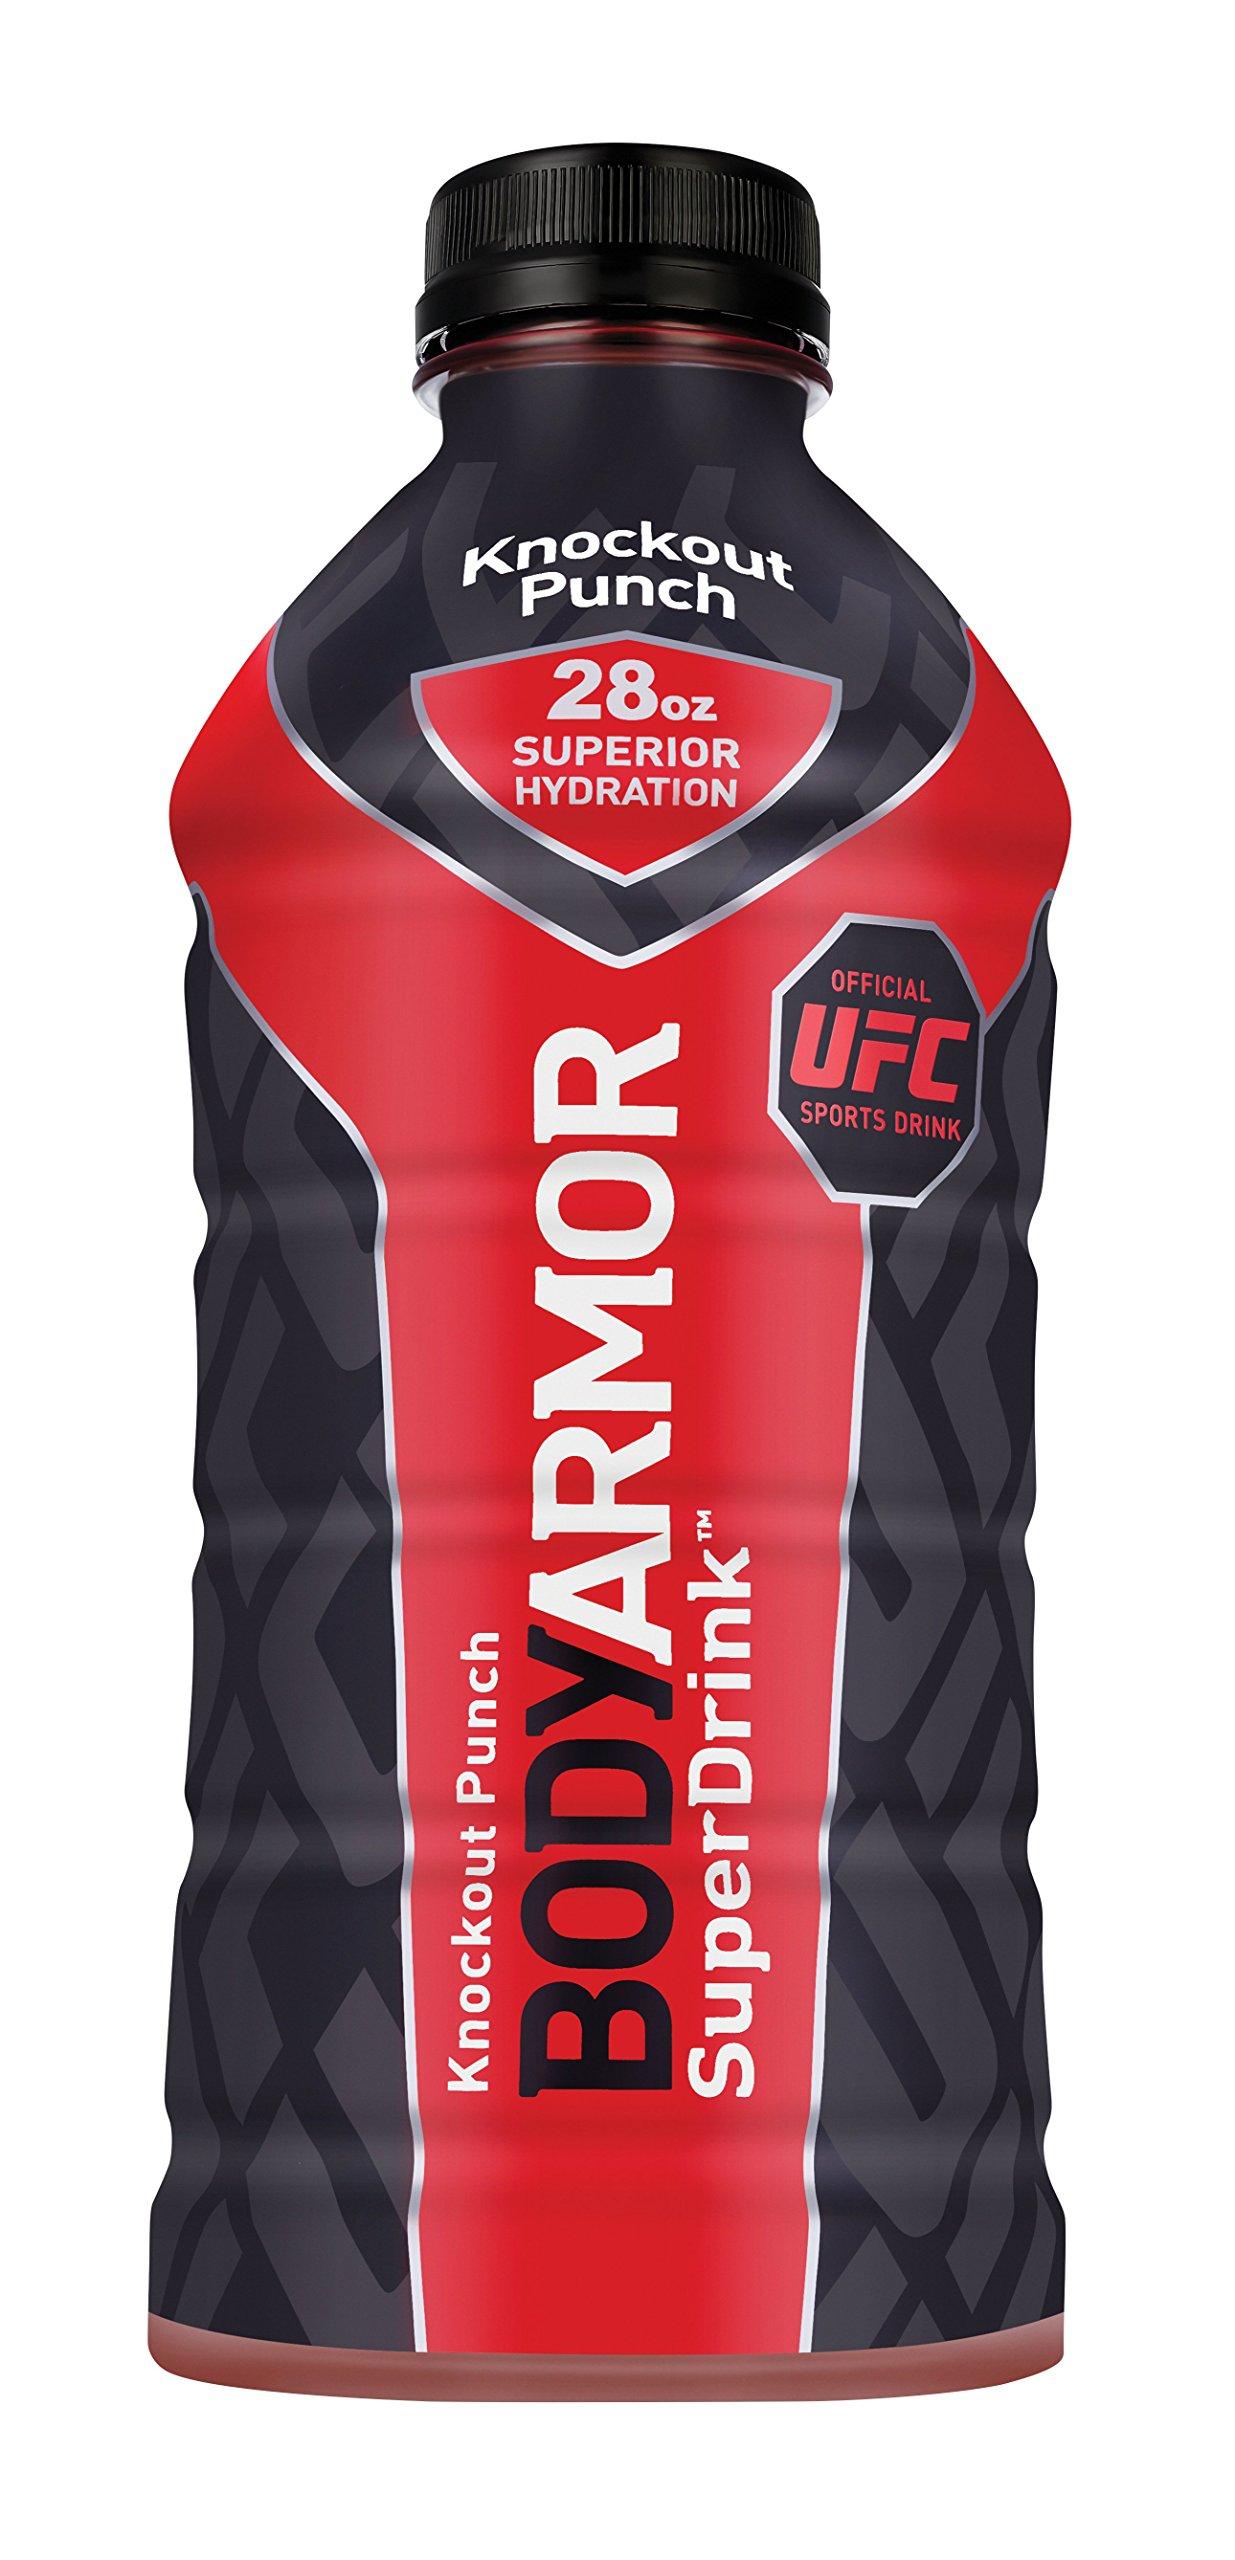 BODYARMOR SuperDrinks Knockout Punch, 28 Ounce (12 Bottles)